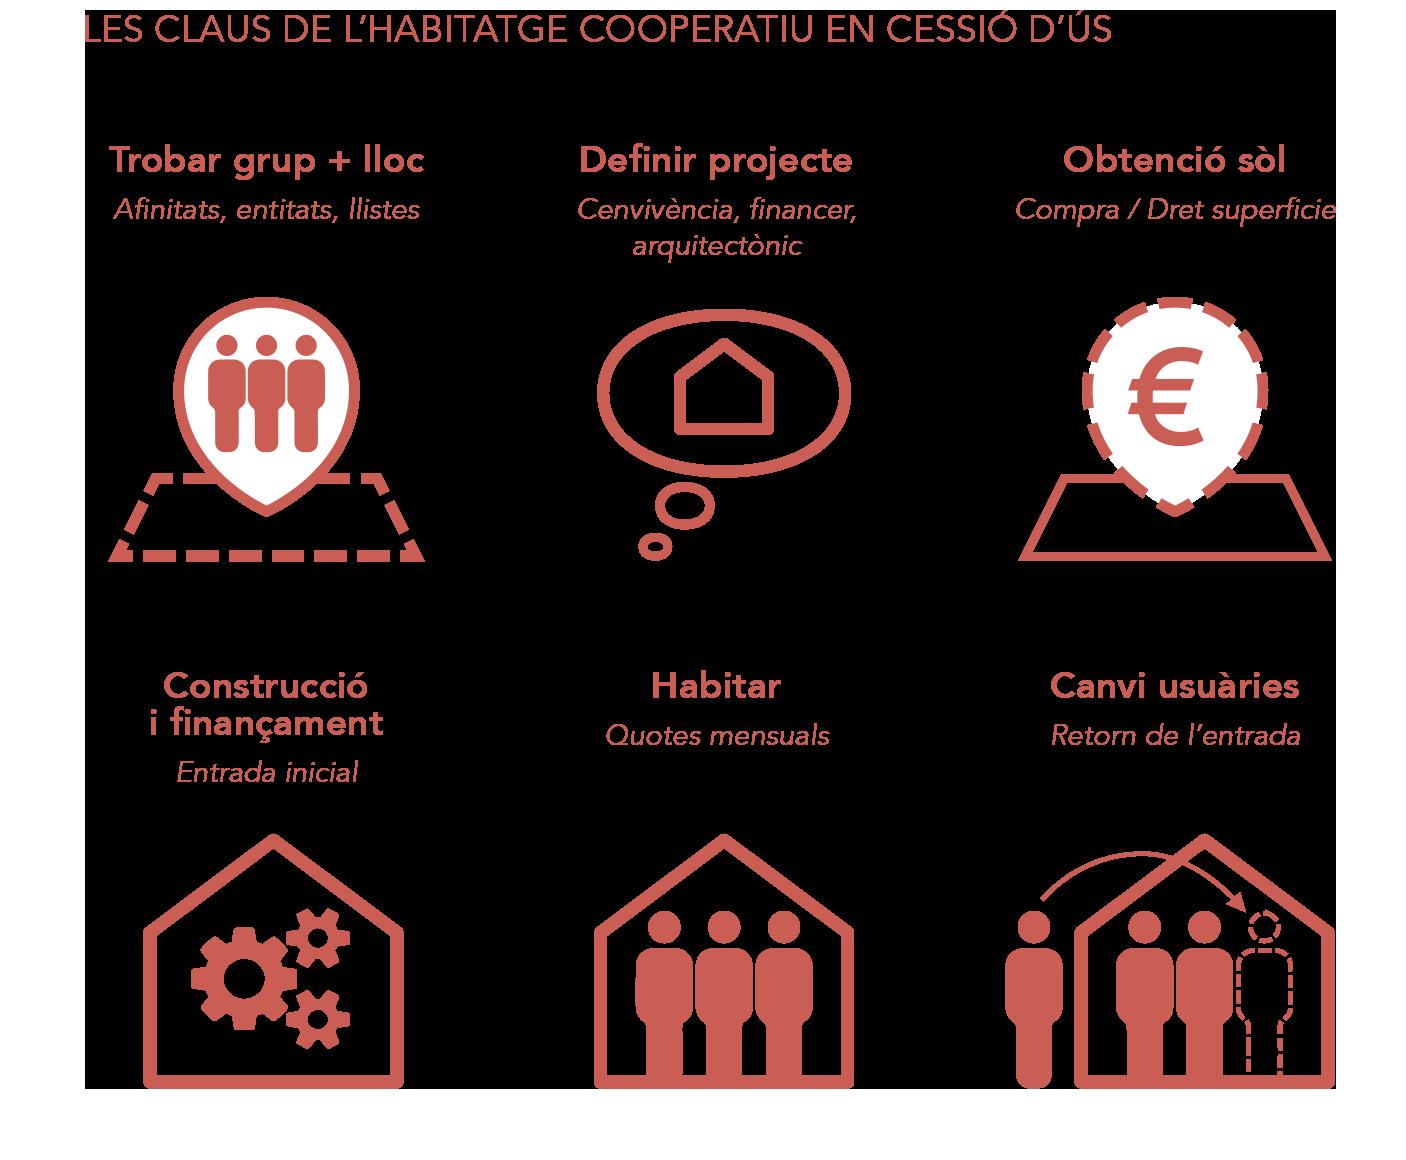 guia Sostre Cívic habitatge cooperatiu en cessió d'ús